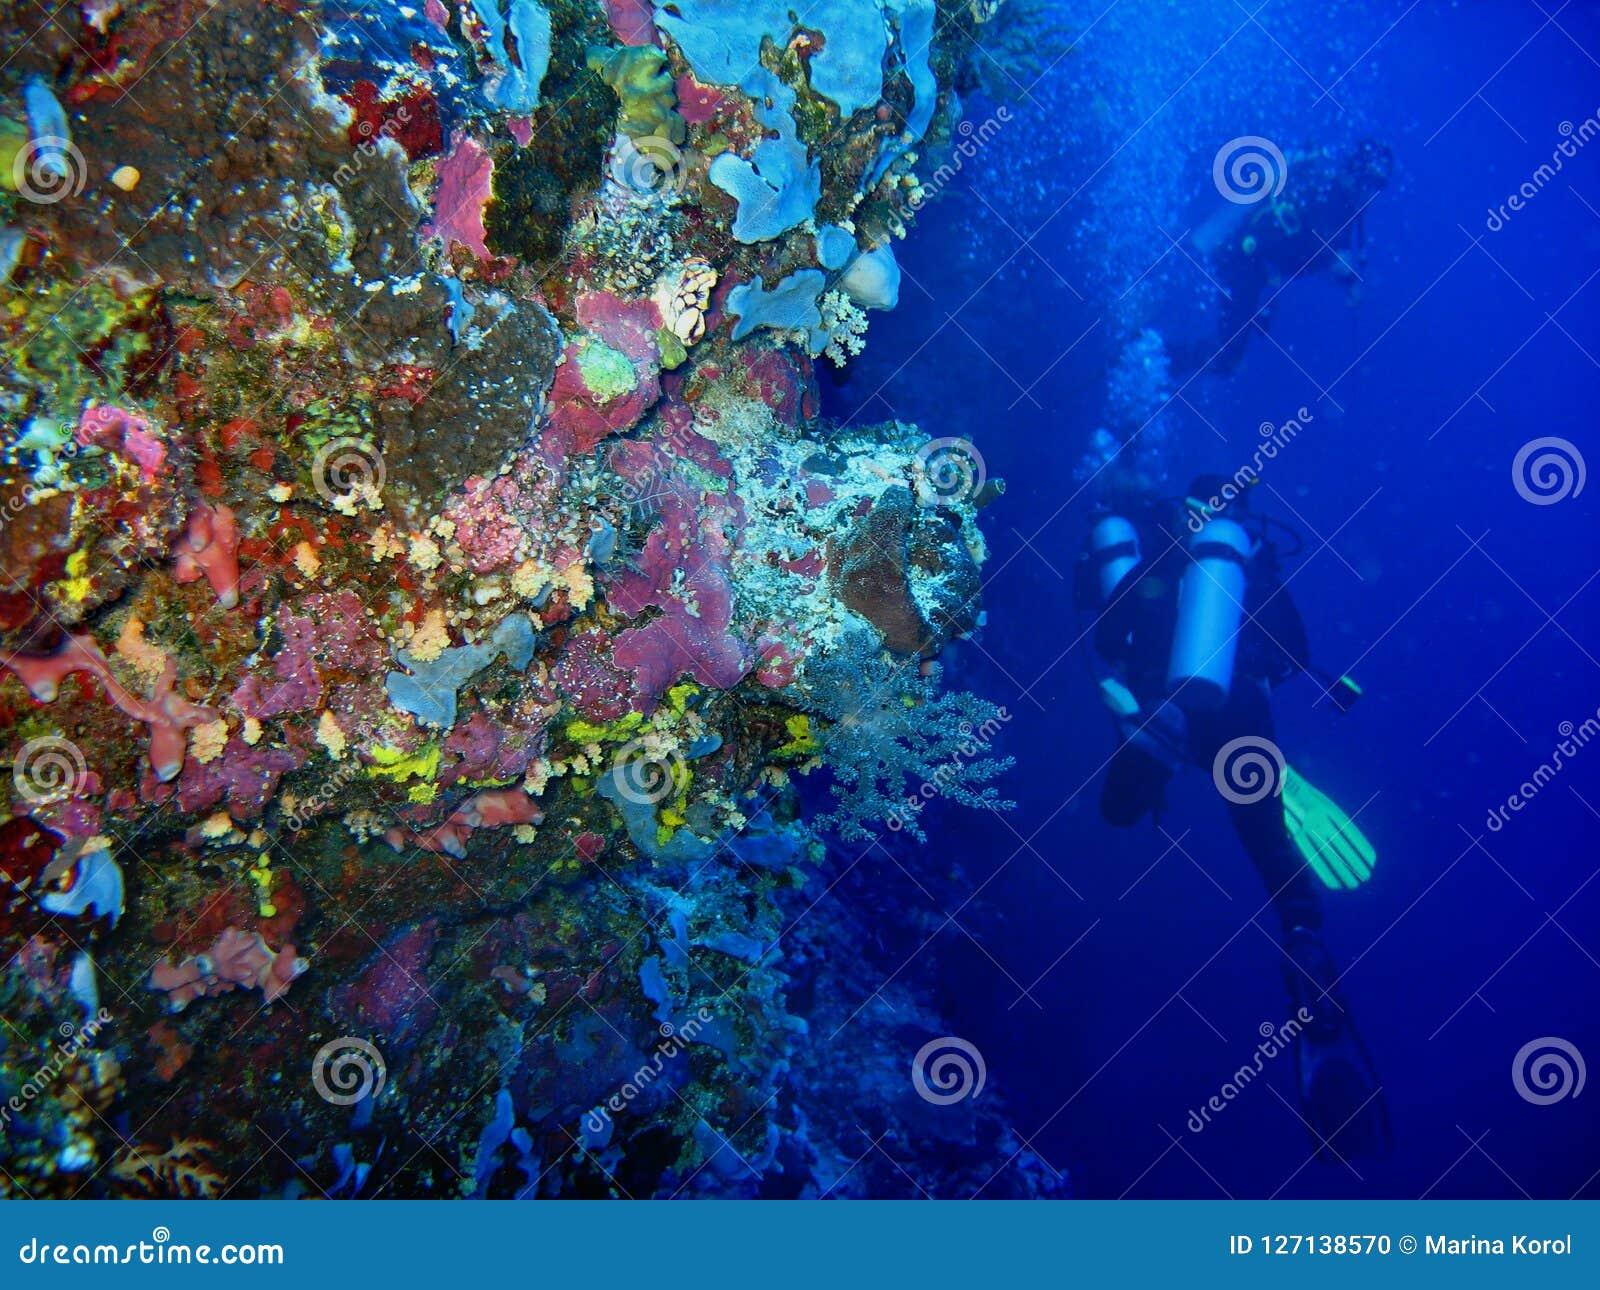 A foto do coral selvagem subaquático no primeiro plano e dois mergulhadores de mergulhador estão no fundo azul da agua potável